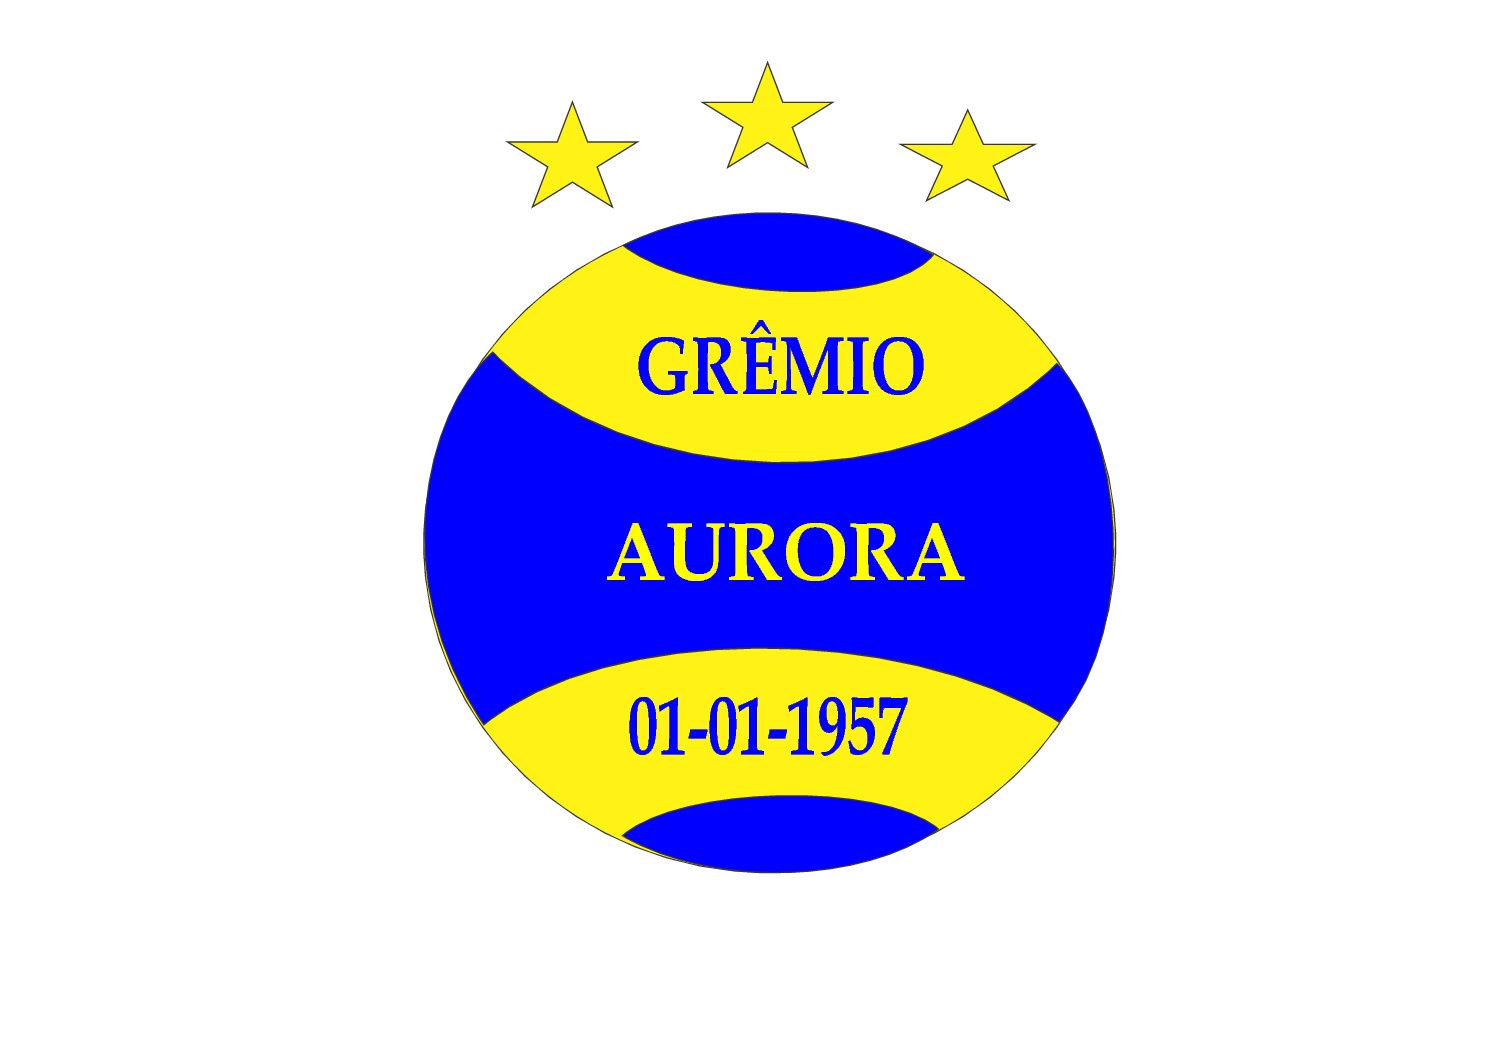 FARDAMENTO PERSONALIZADO PARA EQUIPE DO GRÊMIO ESPORTIVO AURORA CATEGORIA DE VETERANOS DA CIDADE DE XV DE NOVEMBRO/RS.